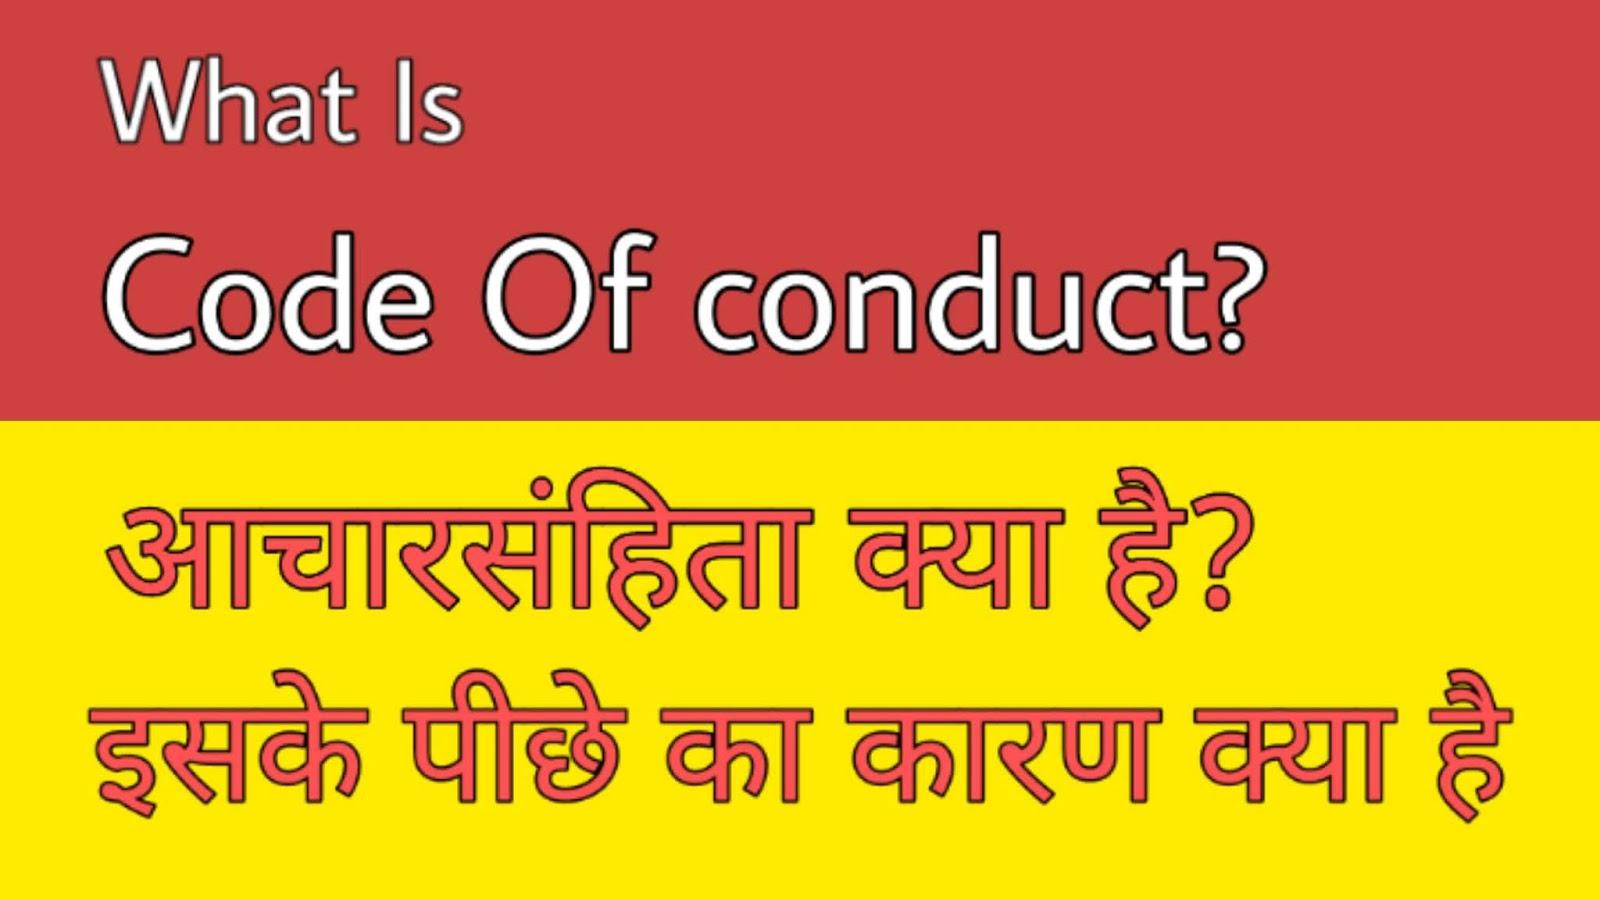 Code of conduct,what is code of conduct,acharsanhita